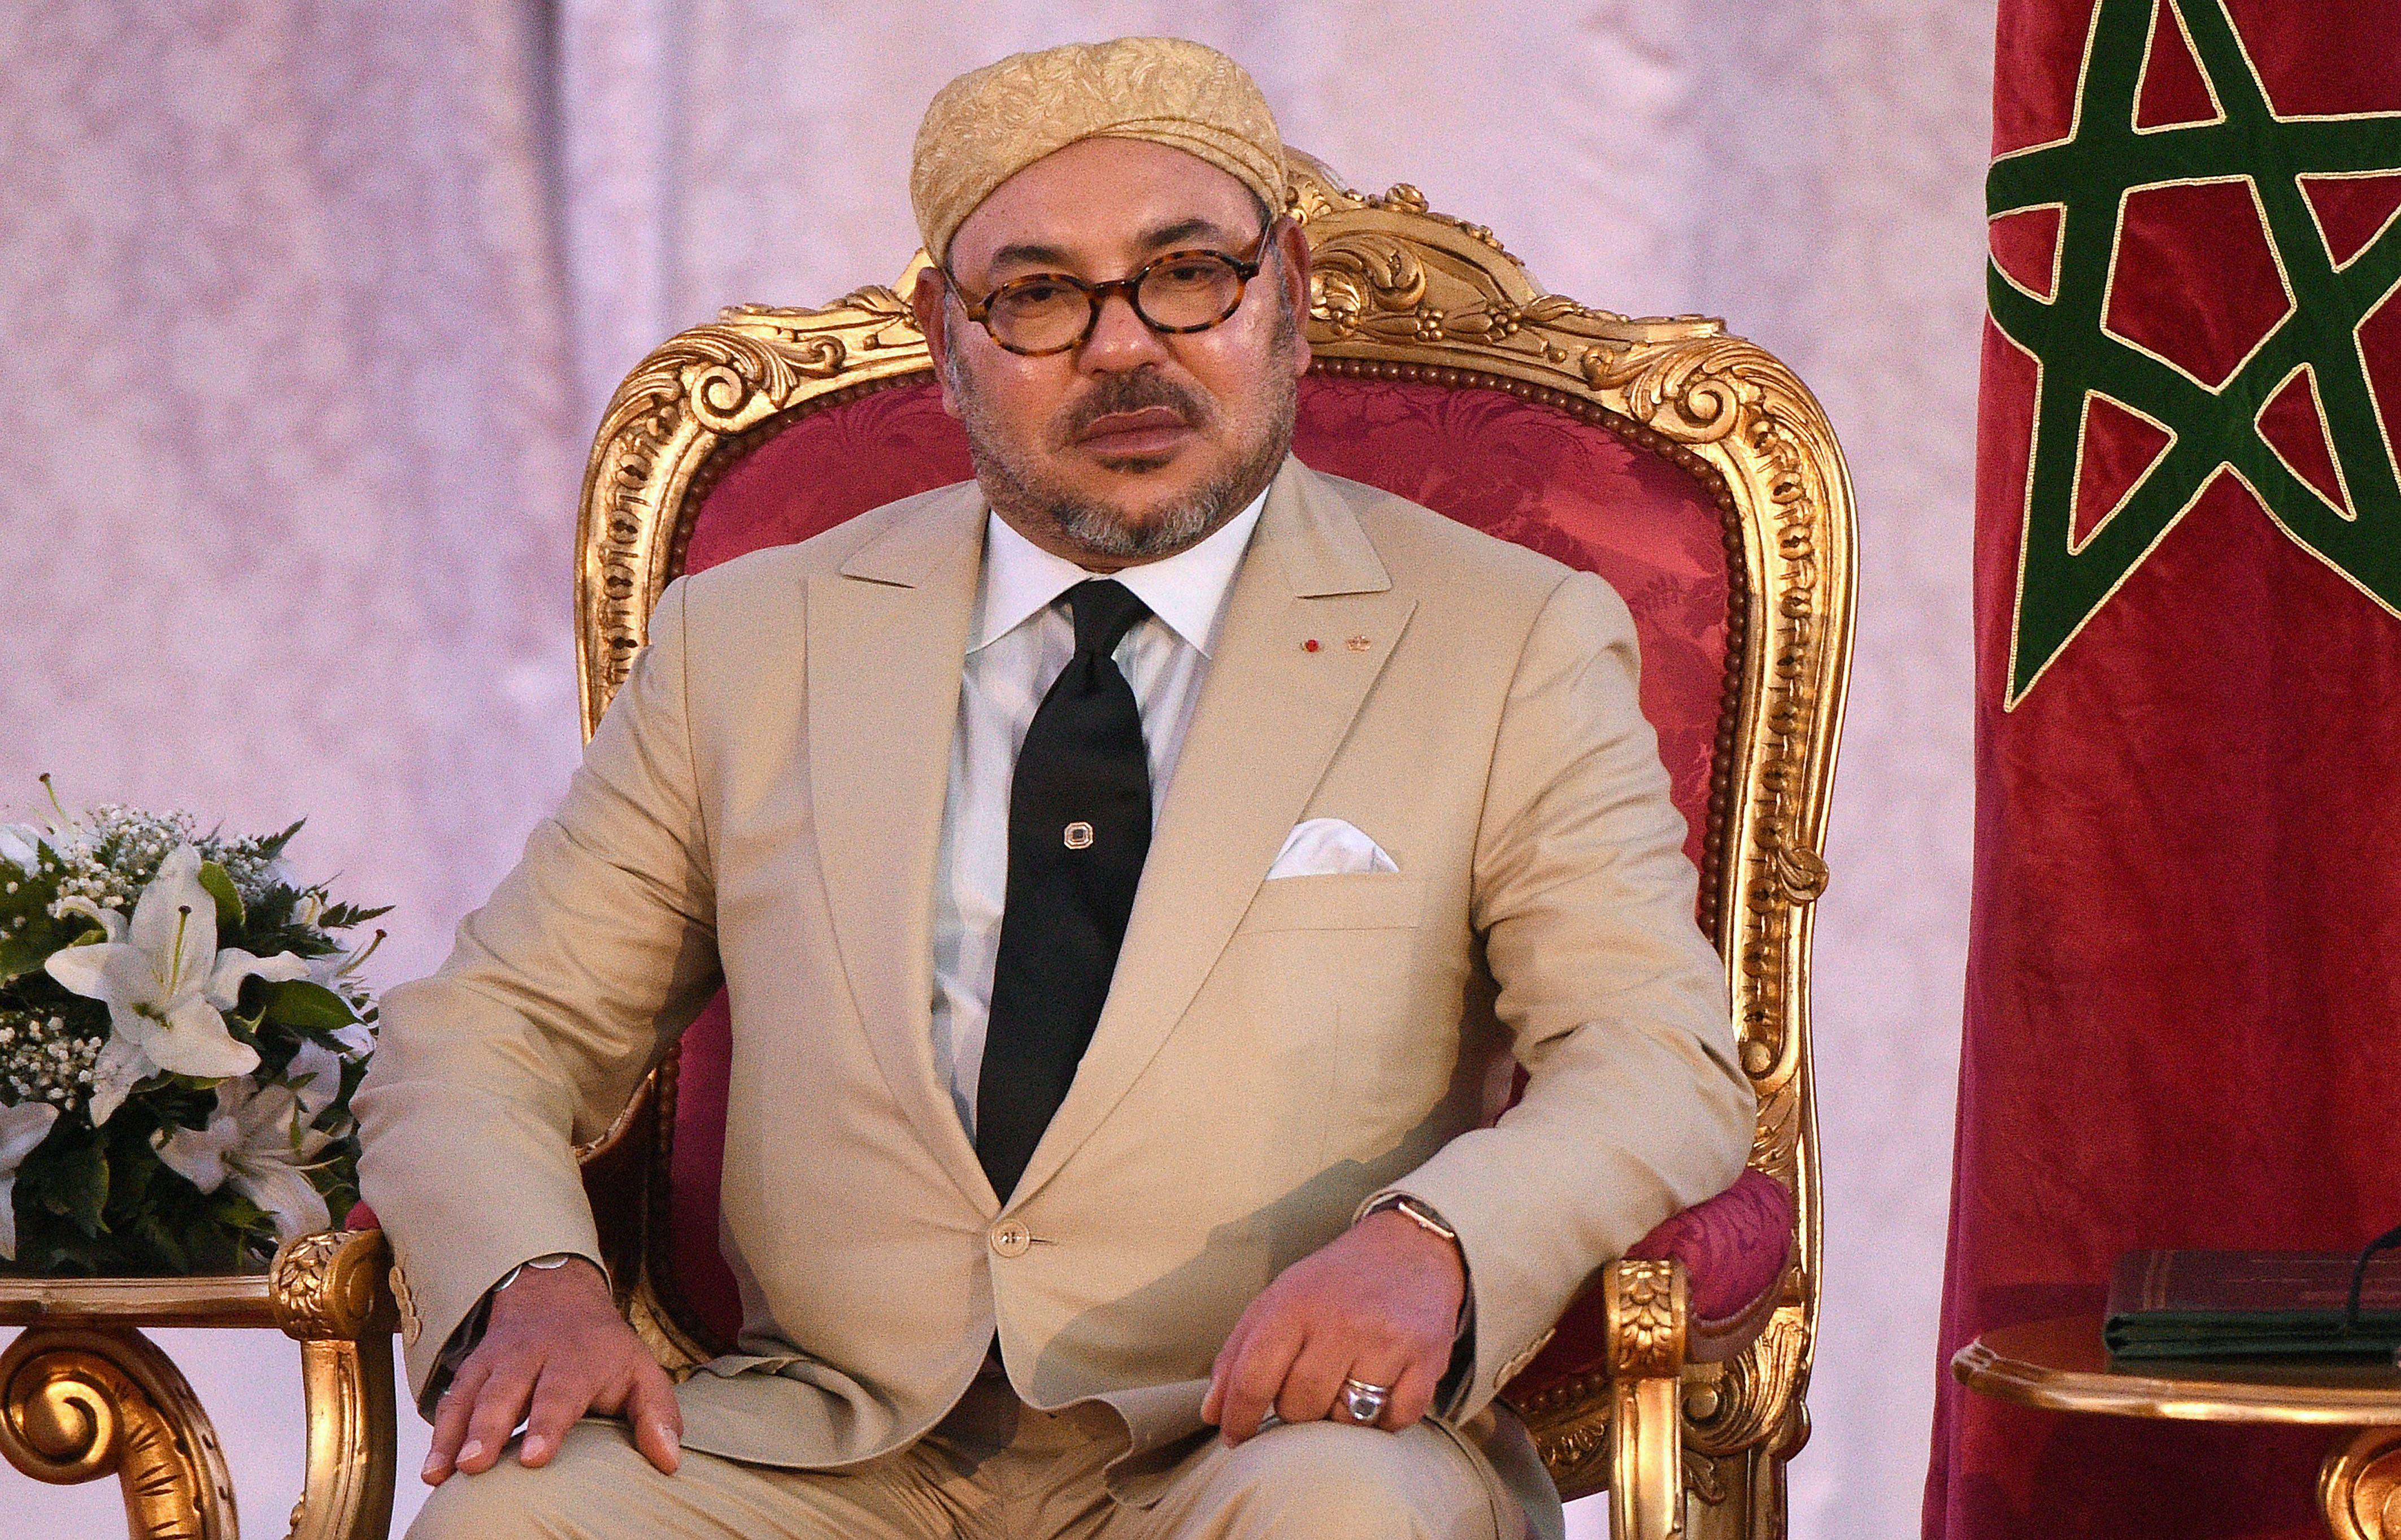 الأمم المتحدة : الإشادة عاليا بالملك محمد السادس لمبادراته لفائدة الحوار بين الحضارات